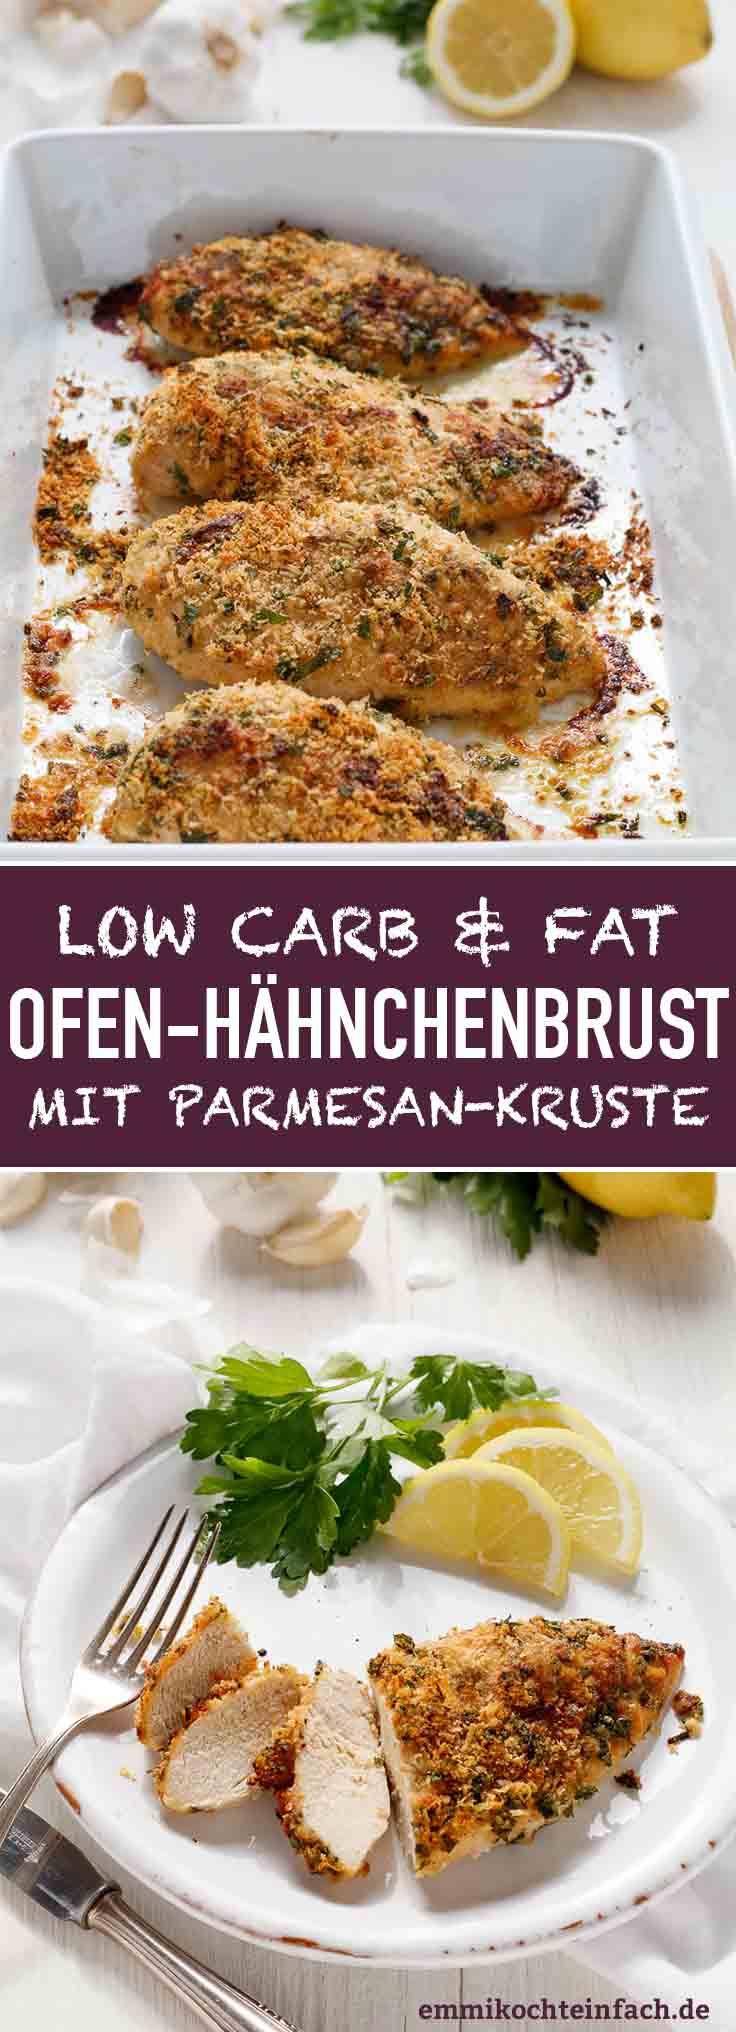 Hähnchenbrustfilet mit Parmesan Kruste - www.emmikochteinfach.de